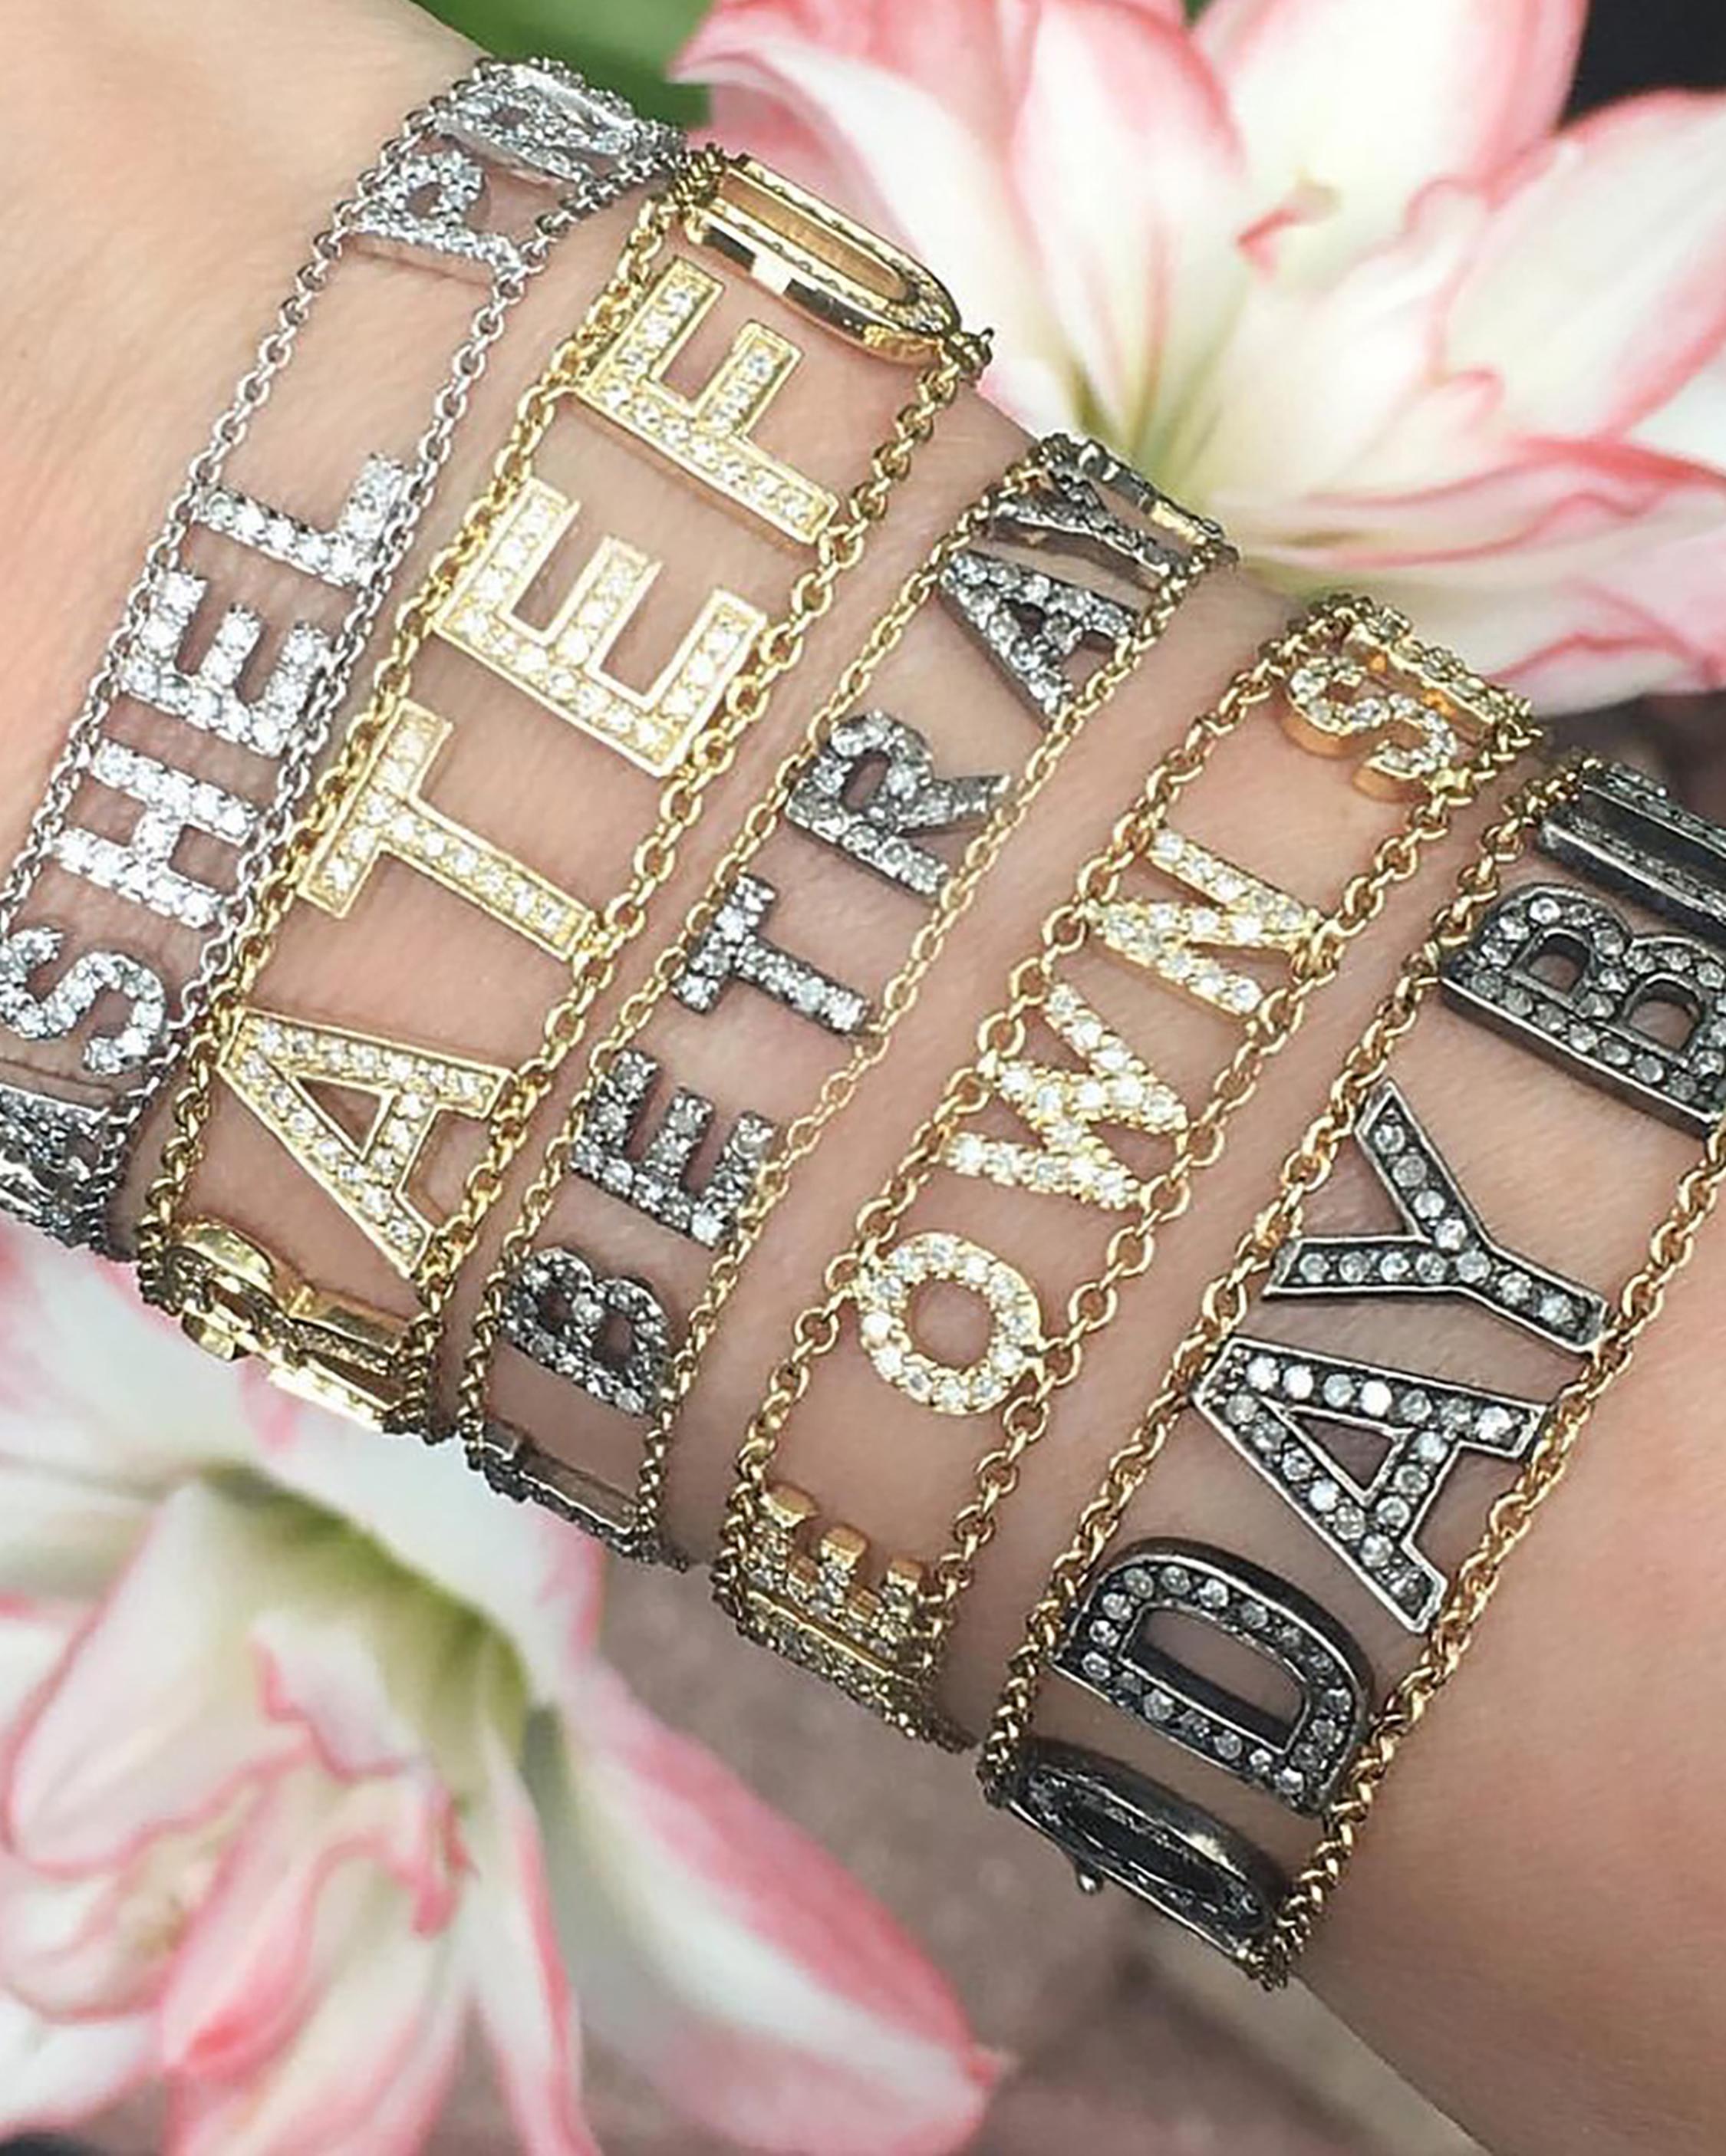 Eden Presley Count Your Blessing Bracelet 1